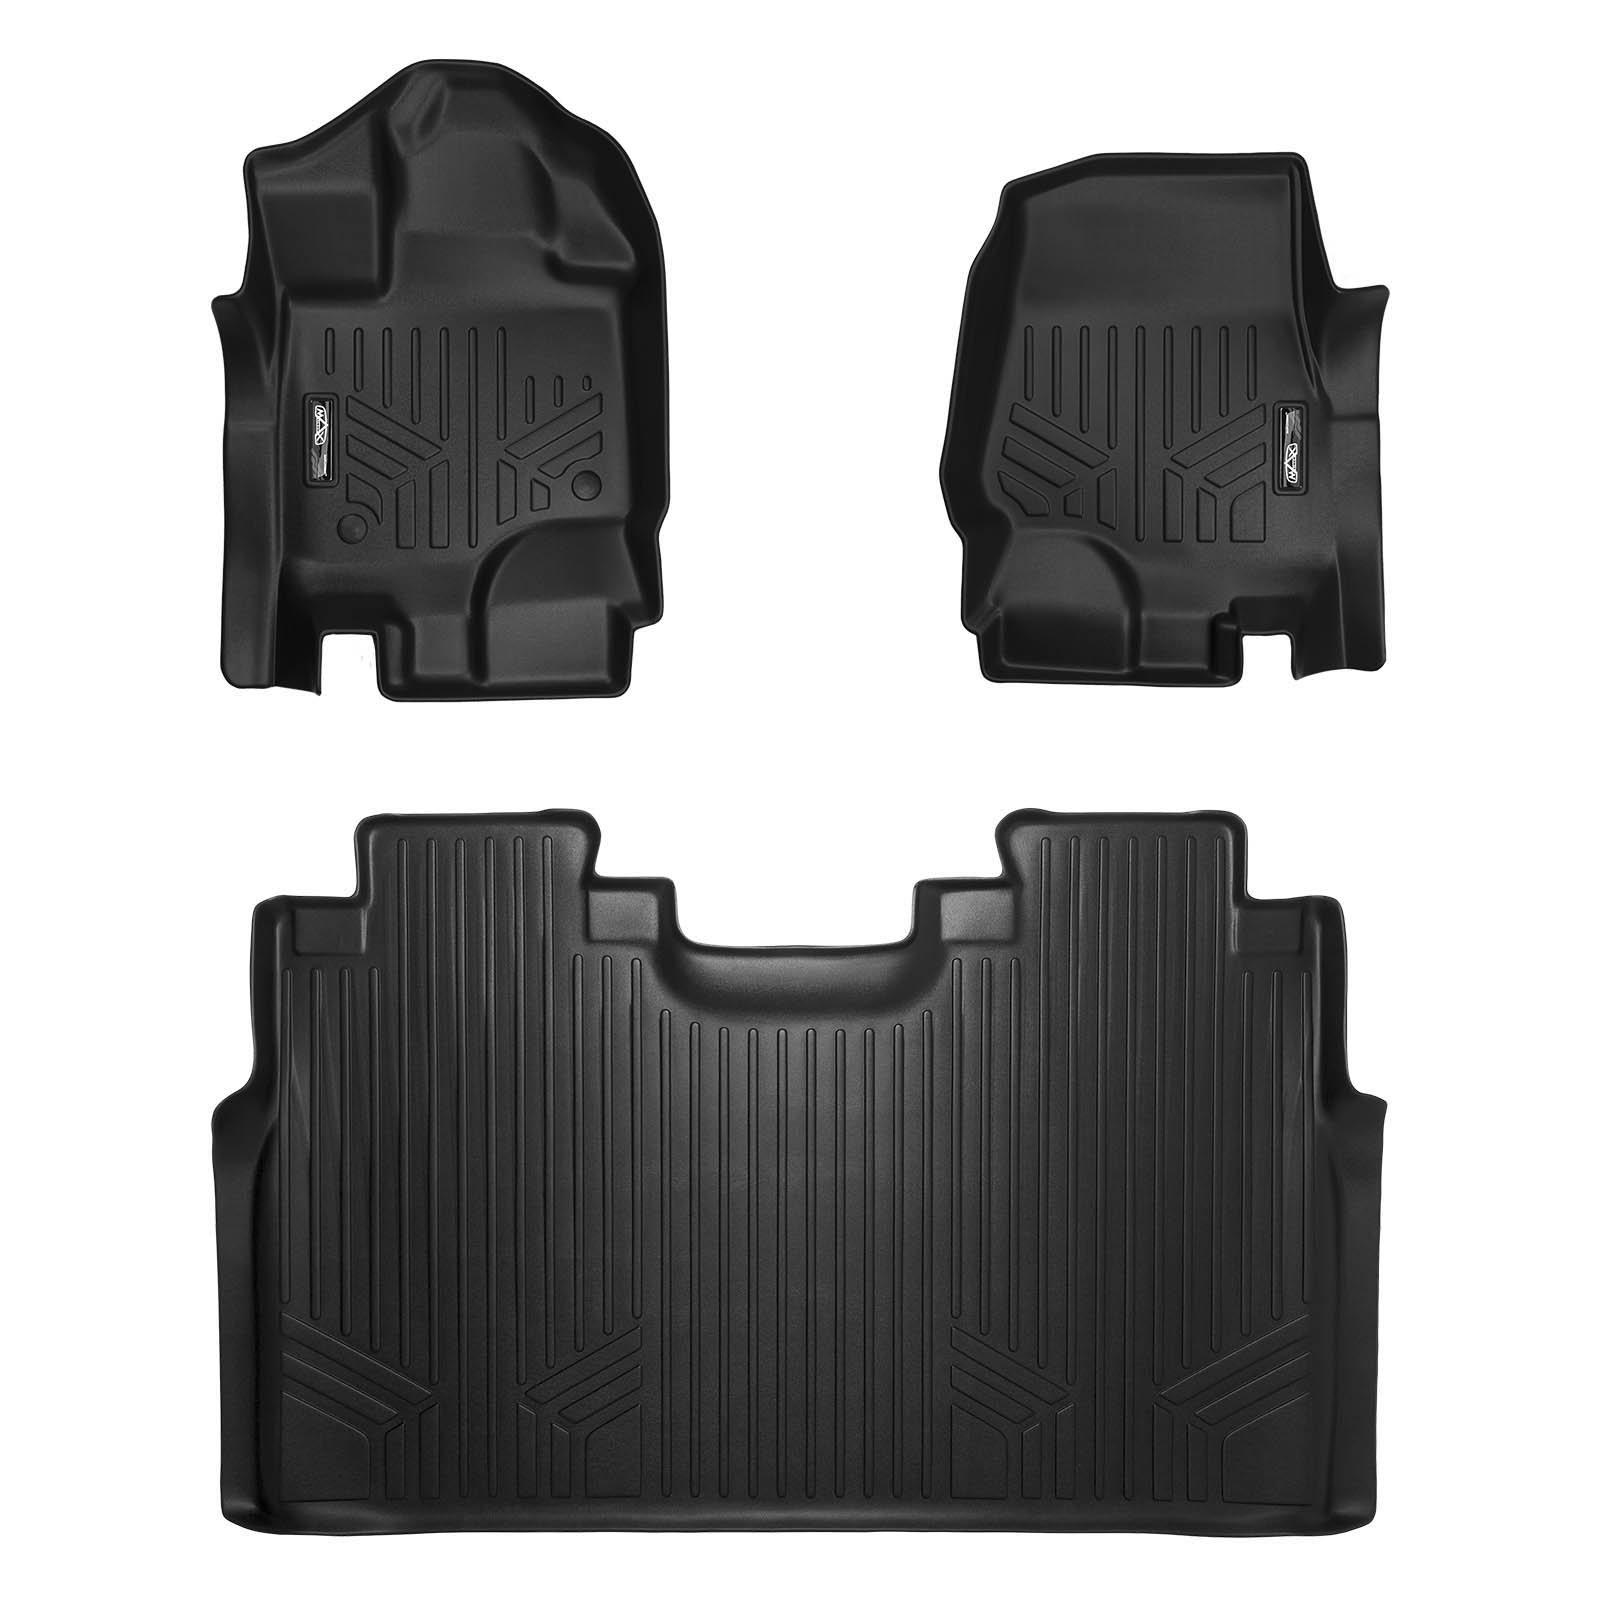 SMARTLINER Floor Mats 2 Row Liner Set Black for 2015-2018 Ford F-150